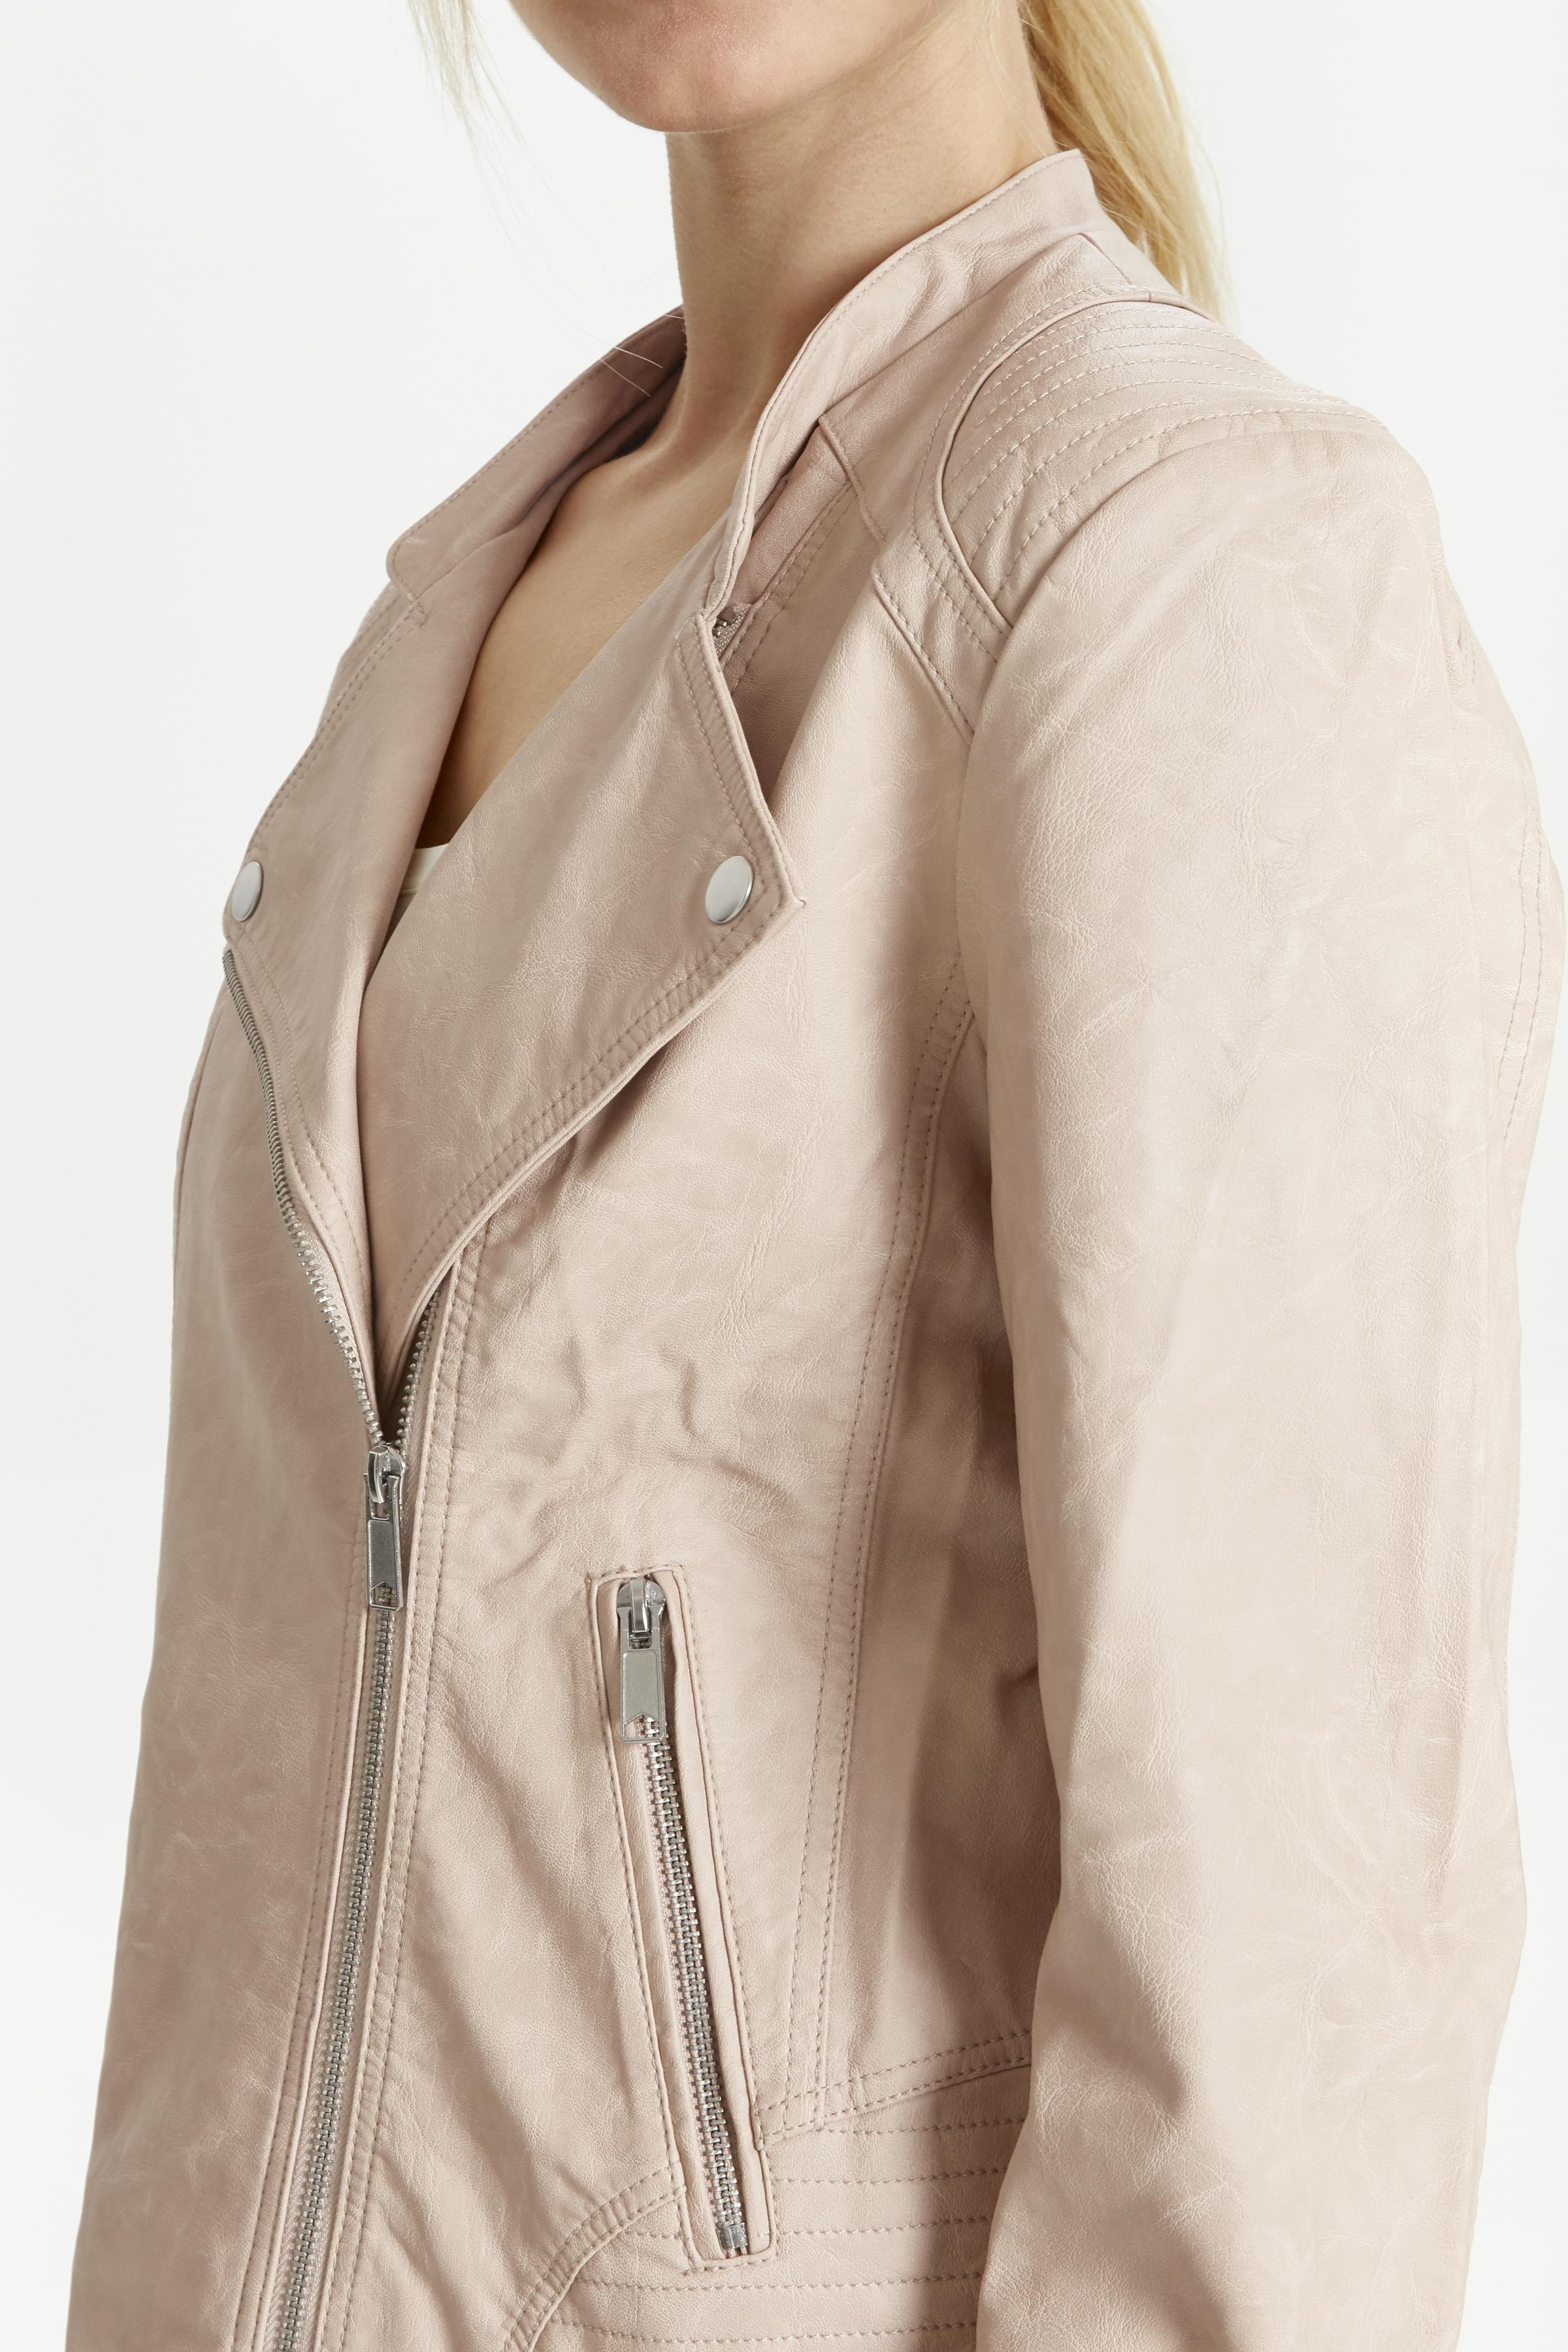 Moonlight Jacke von b.young – Kaufen Sie Moonlight Jacke aus Größe 34-40 hier